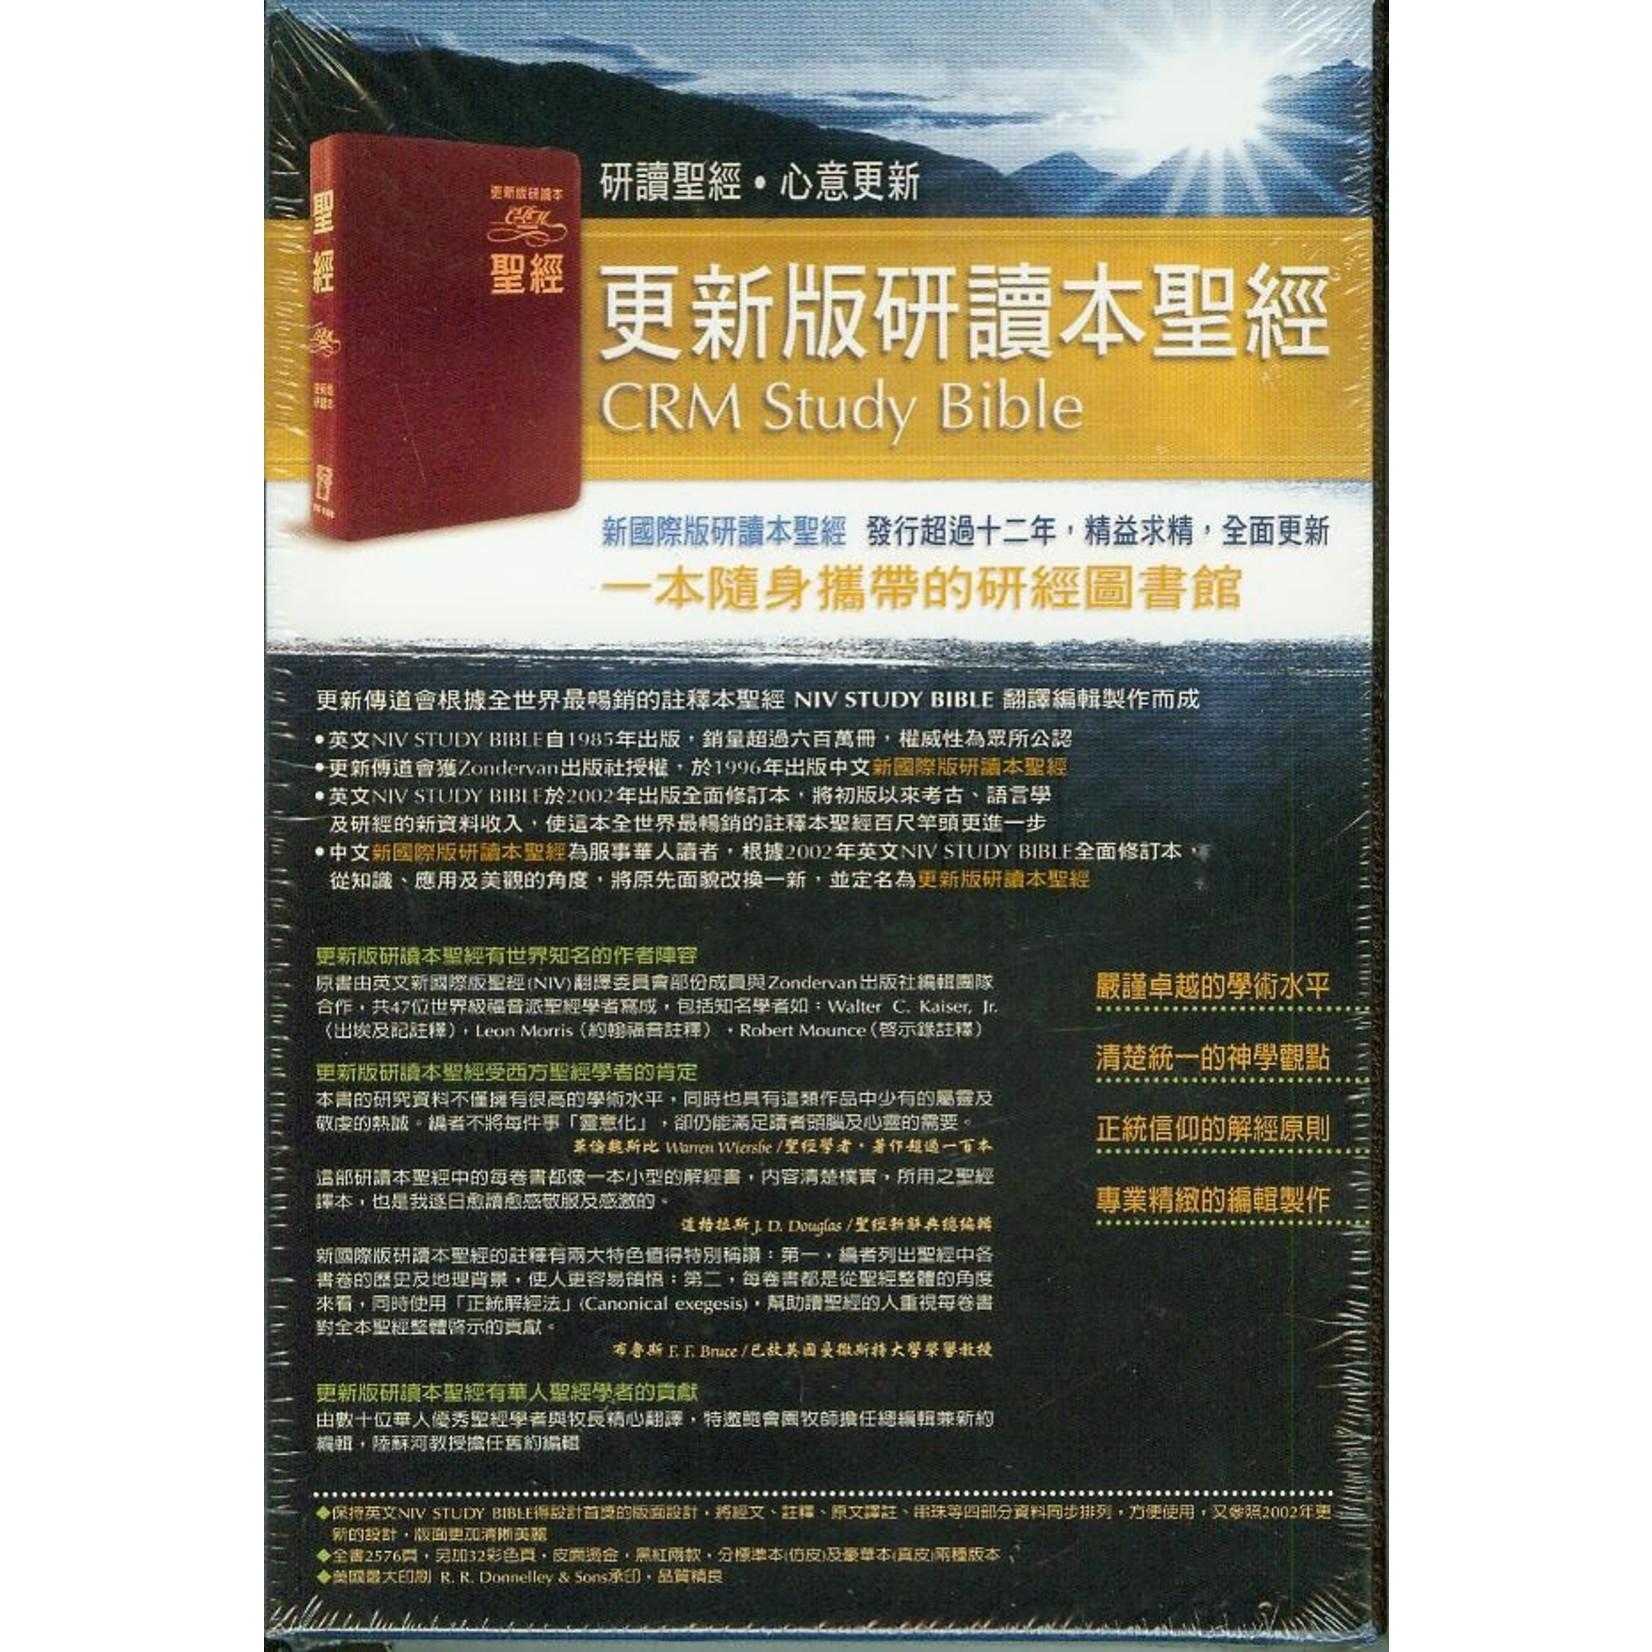 更新傳道會 Christian Renewal Ministries 更新版研讀本聖經.豪華本.棗紅色(繁體) CRM STUDY BIBLE(BURGUNDY/DELUXE)